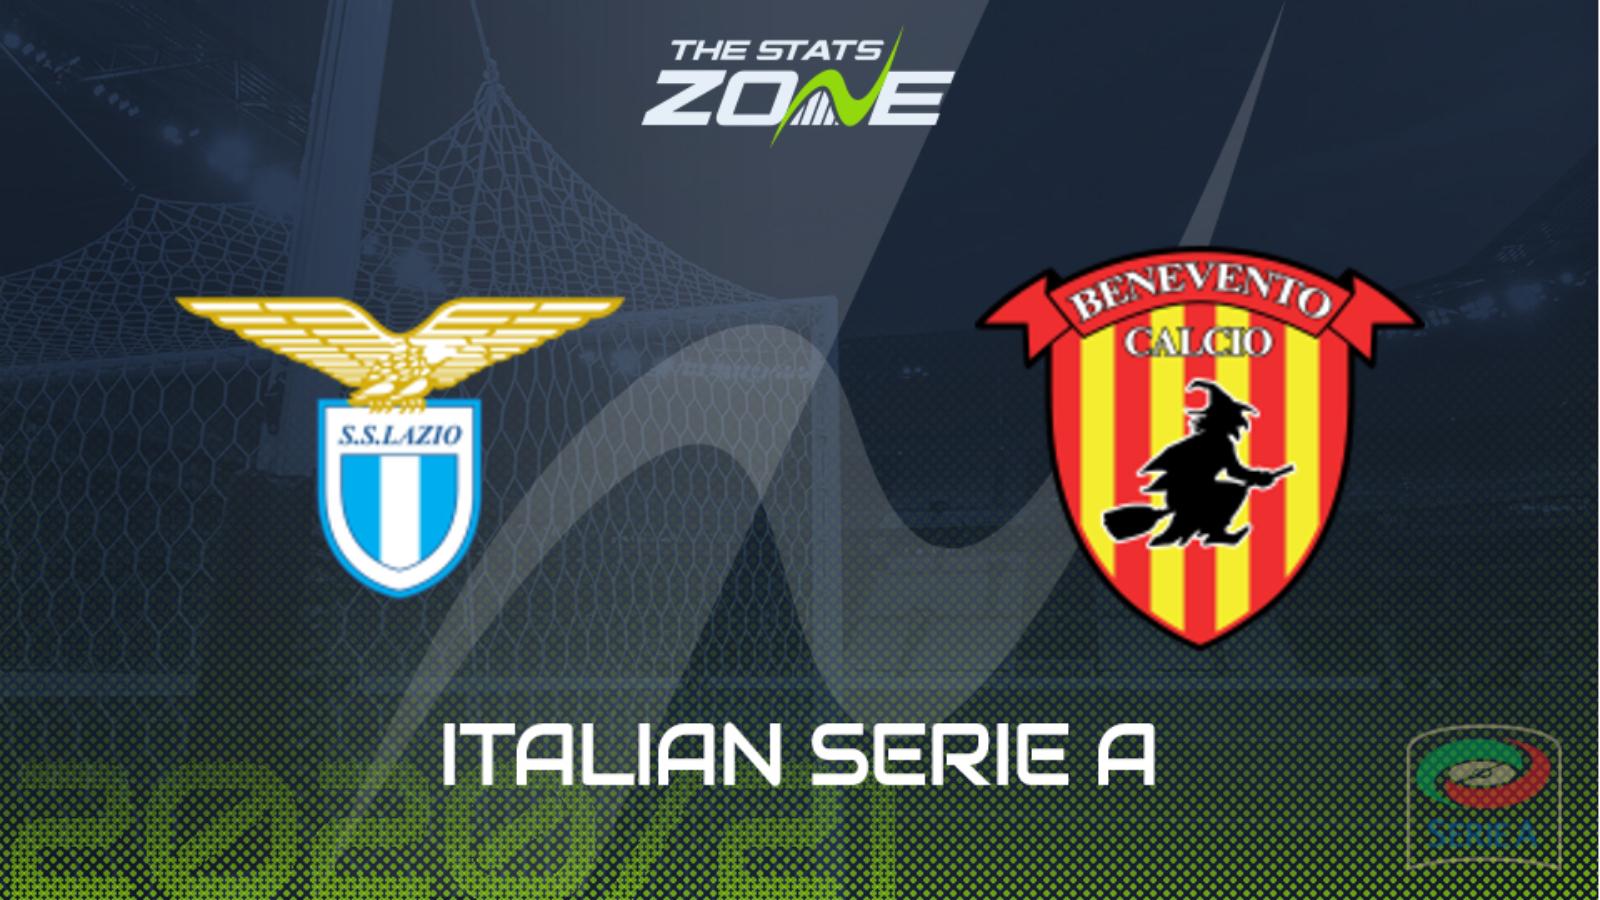 Lazio vs Benevento Full Match – Serie A 2020/21